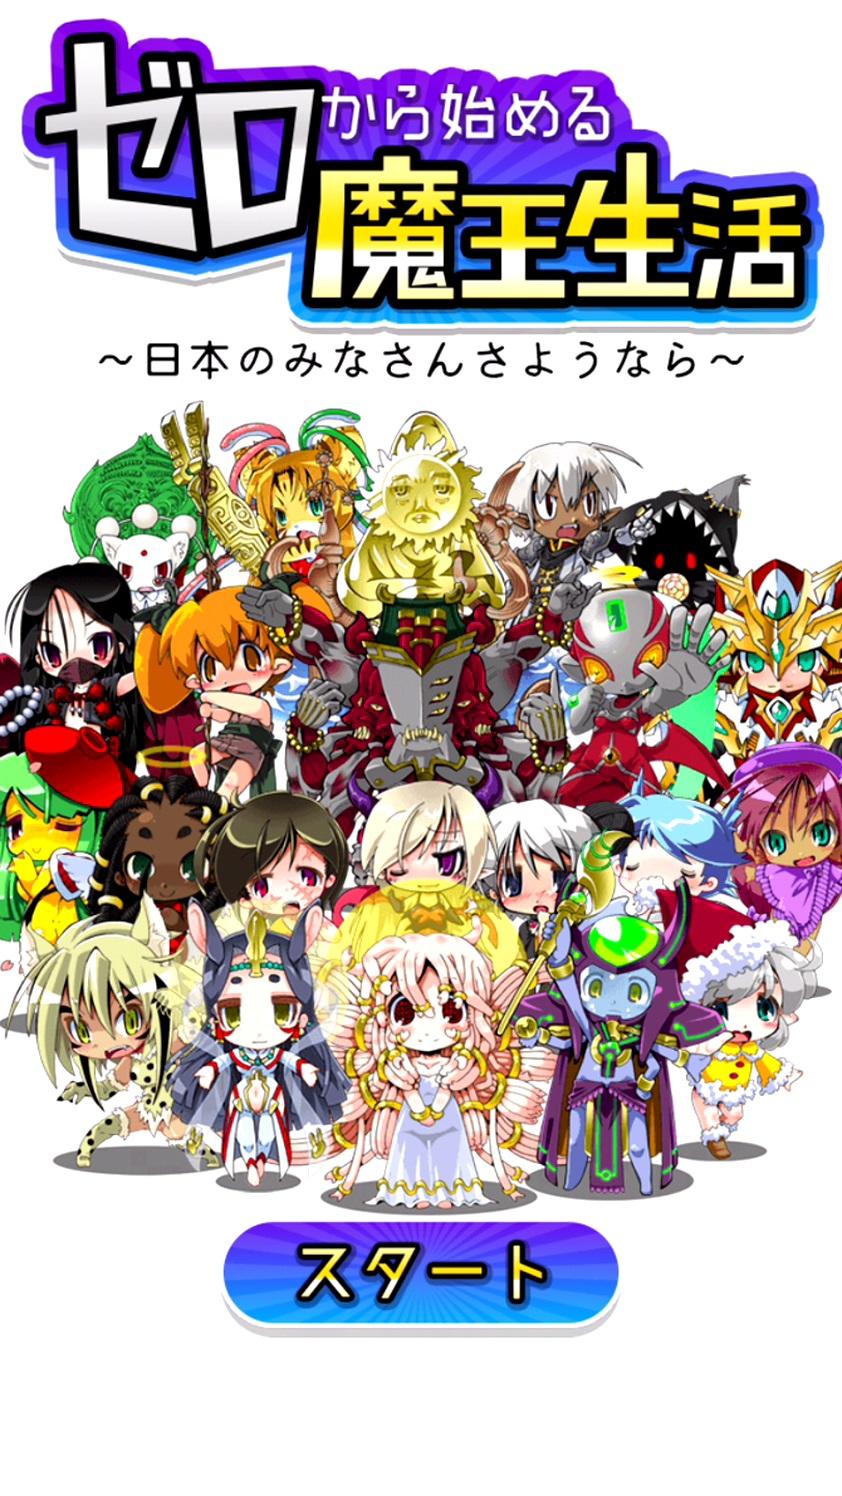 androidアプリ [日本のみなさんさようなら]~ゼロから始める魔王生活~攻略スクリーンショット1